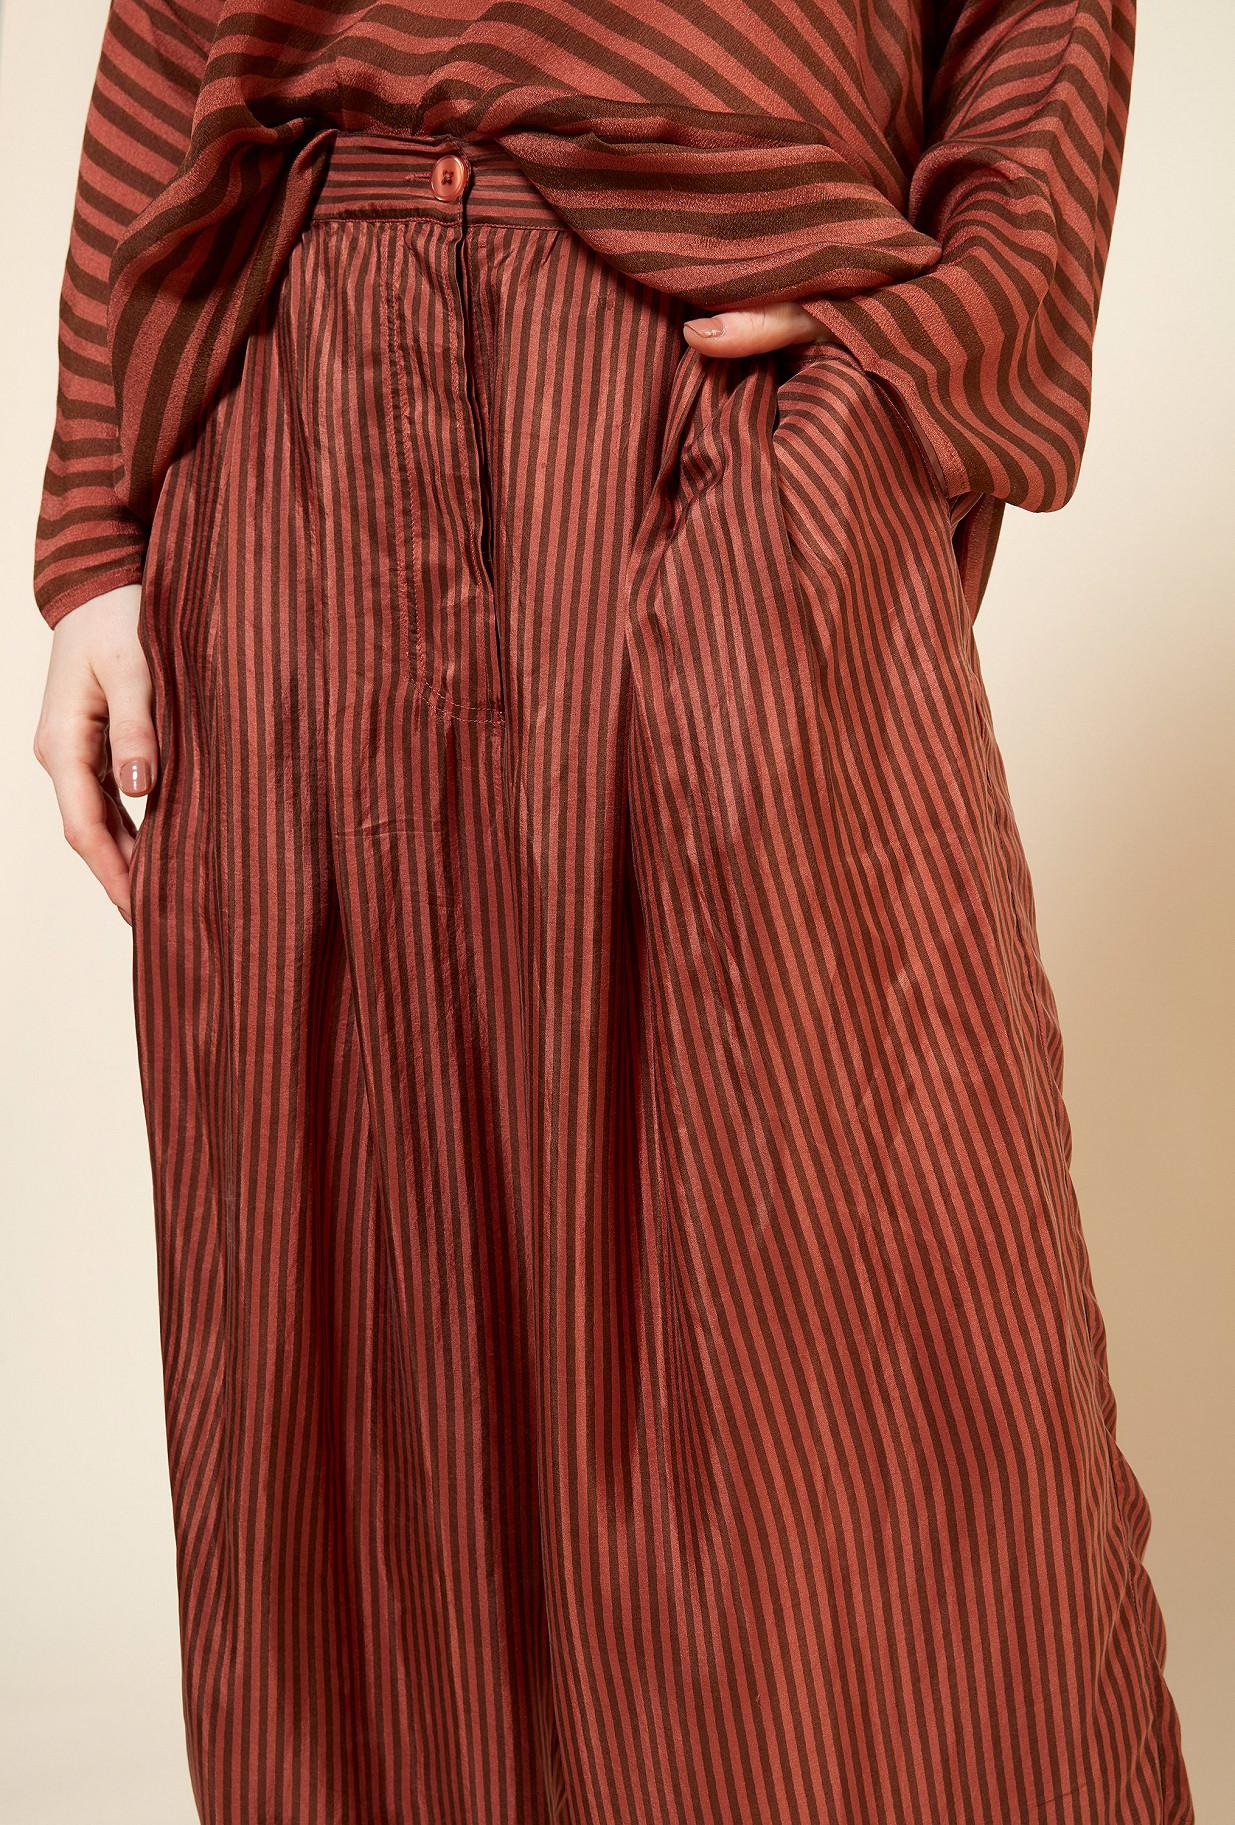 Paris boutique de mode vêtement PANTALON créateur bohème  Persephone